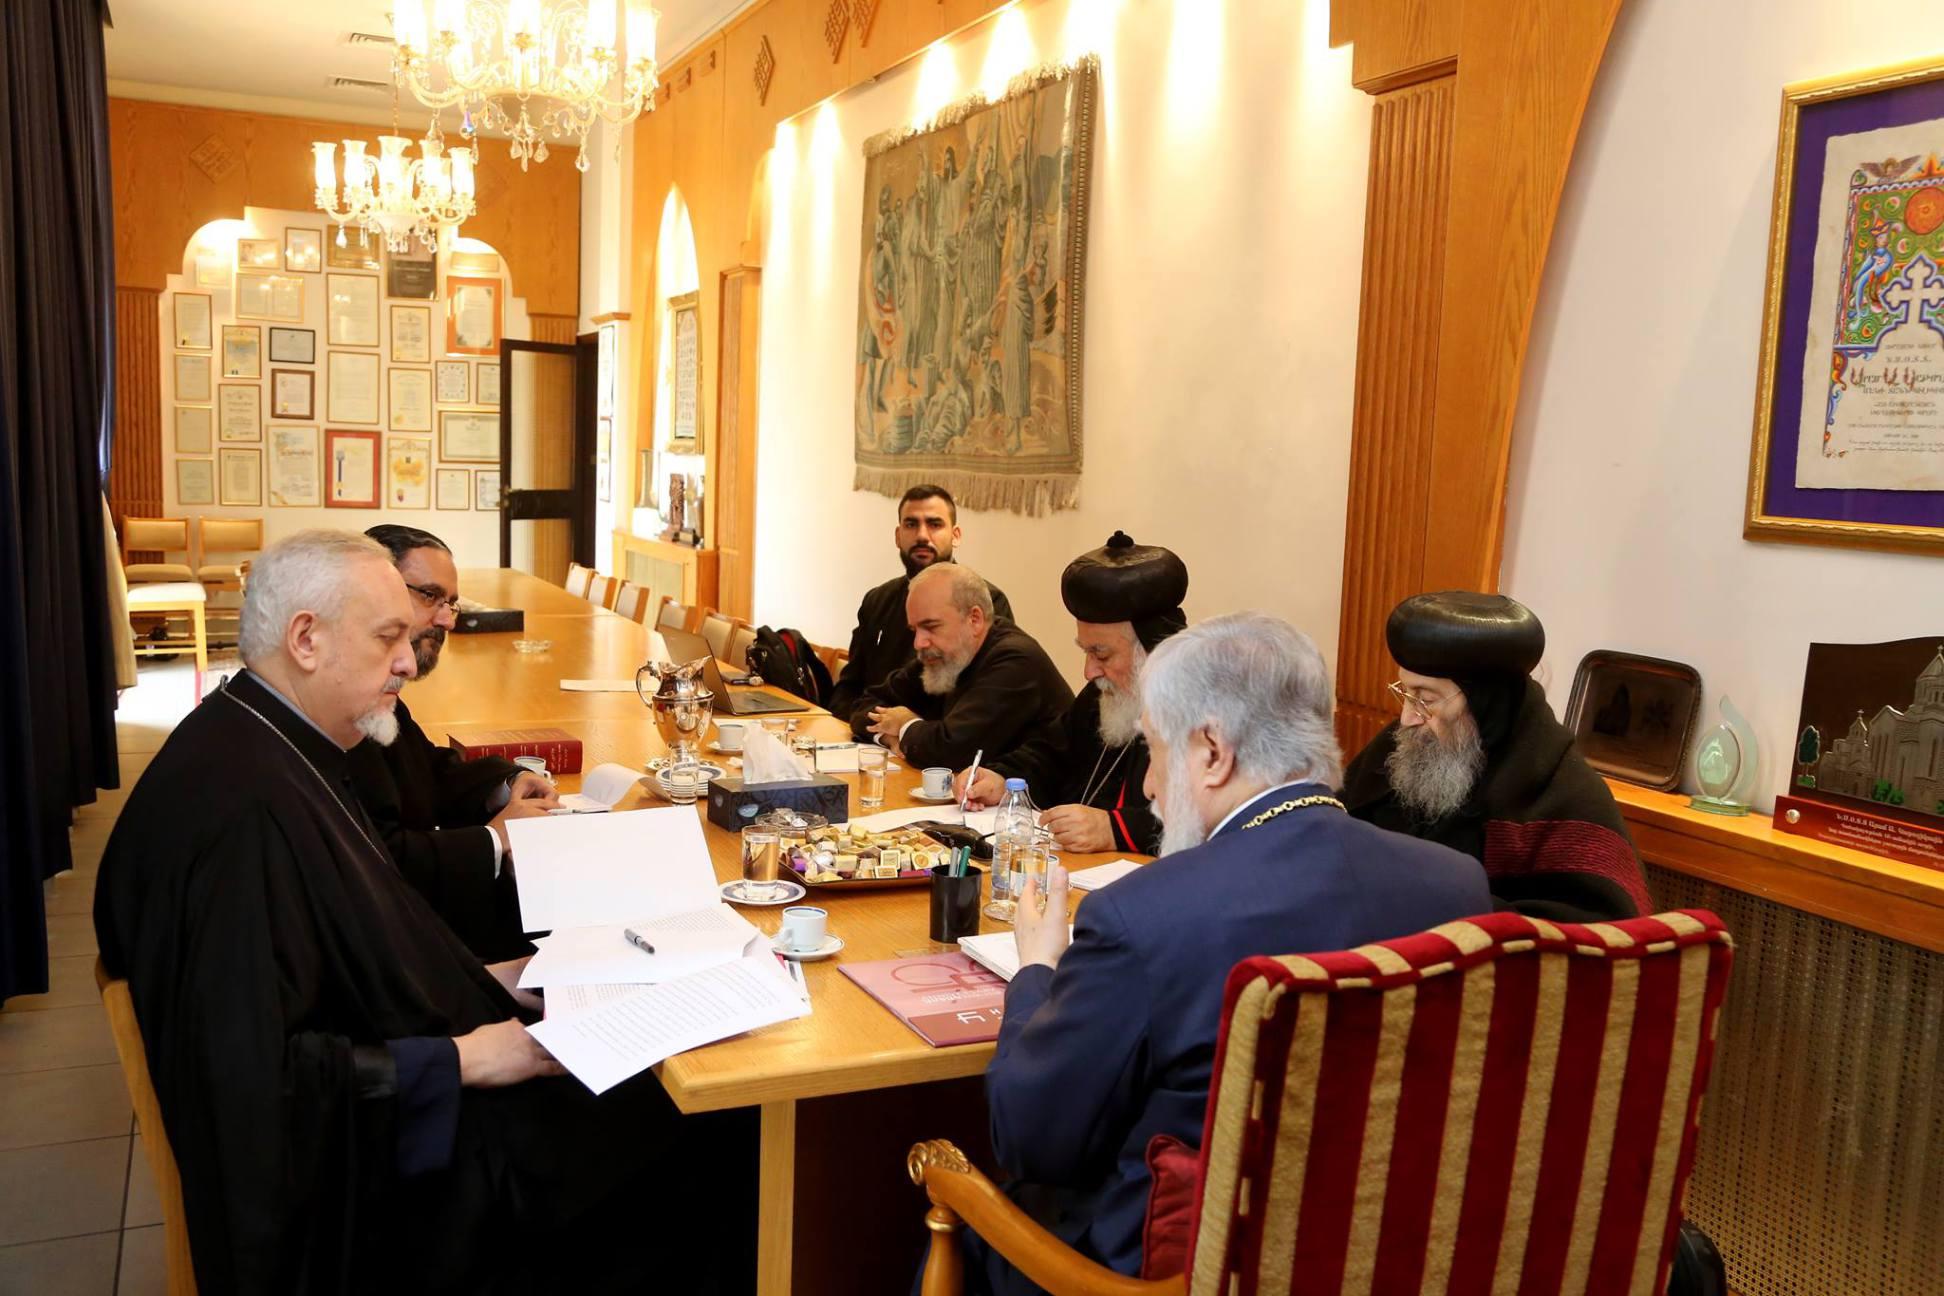 Συνεδρίαση των Συμπροέδρων του Διαλόγου μεταξύ της Ορθοδόξου Εκκλησίας και των Αρχαίων Ανατολικών Εκκλησιών στο Λίβανο